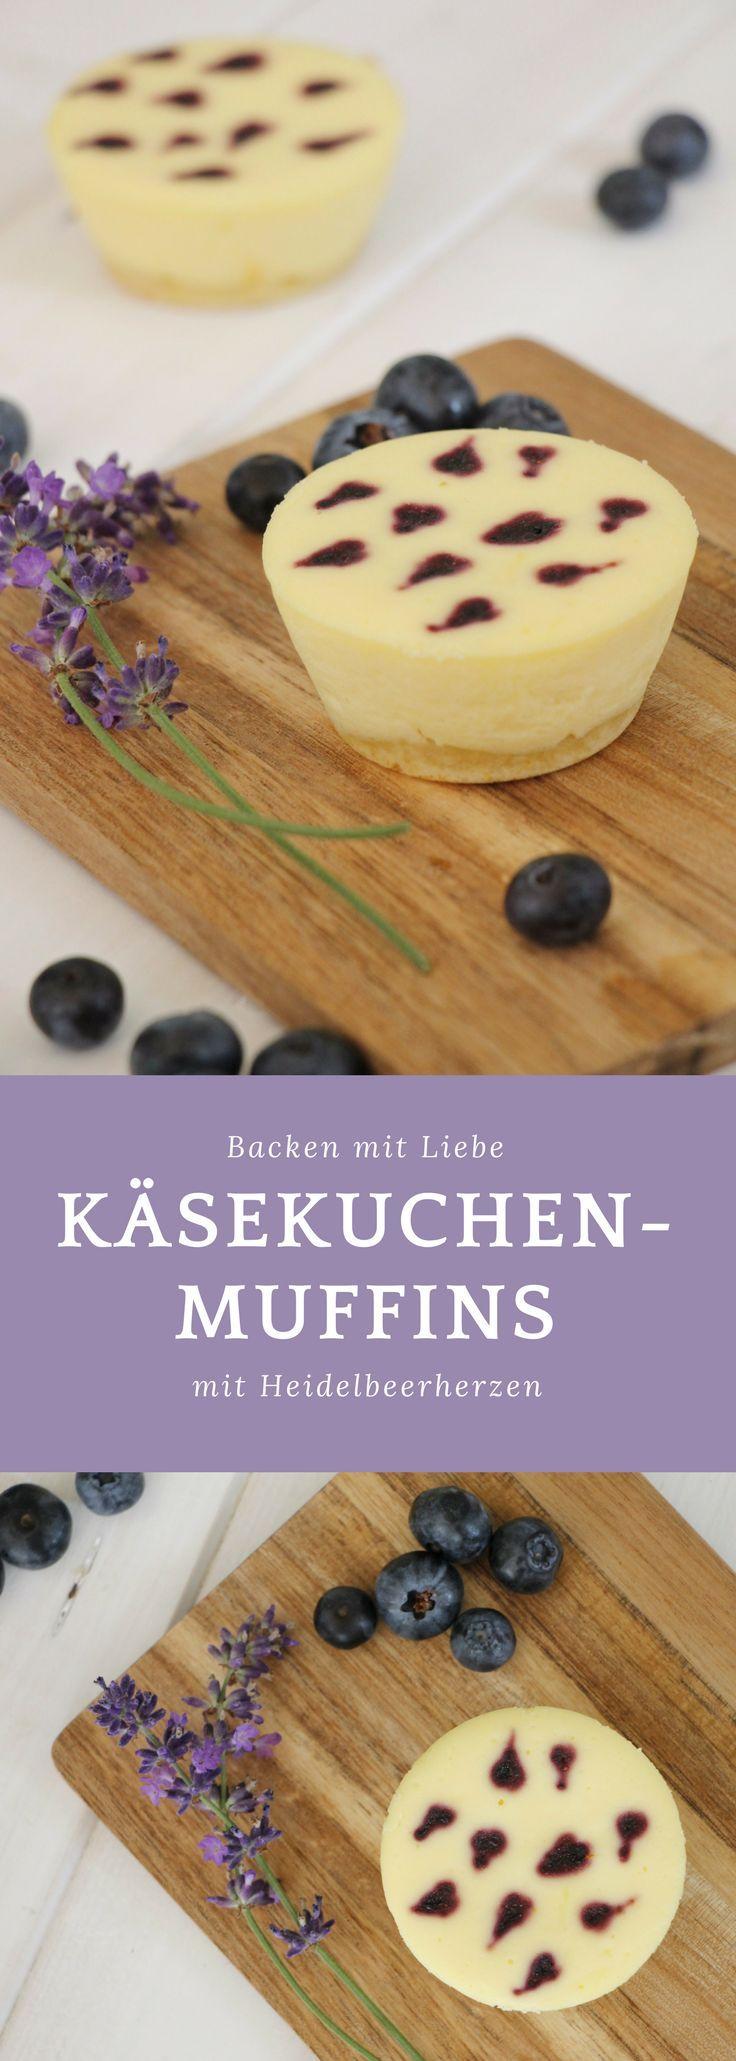 Anzeige: Käsekuchen-Muffins mit Heidelbeeren aus dem Efbe Gourmet-Chef (inkl. Gewinnspiel